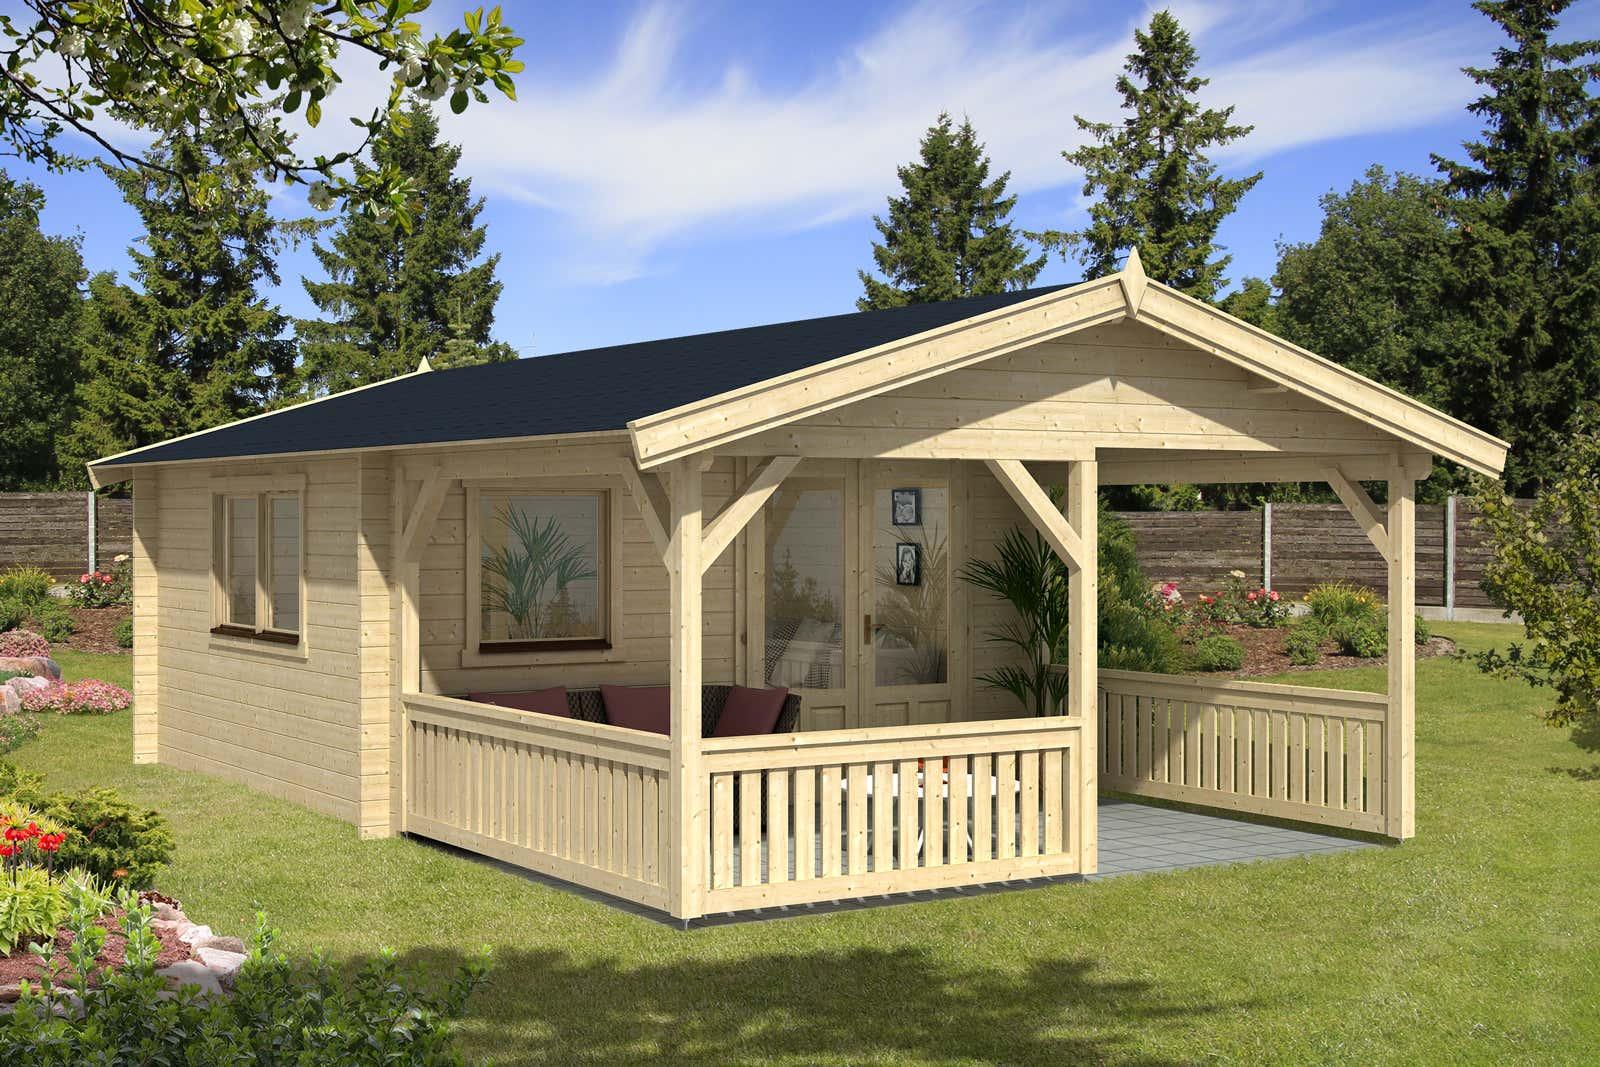 25 einzigartig gartenhaus mit kamin ahnung haus design ideen. Black Bedroom Furniture Sets. Home Design Ideas